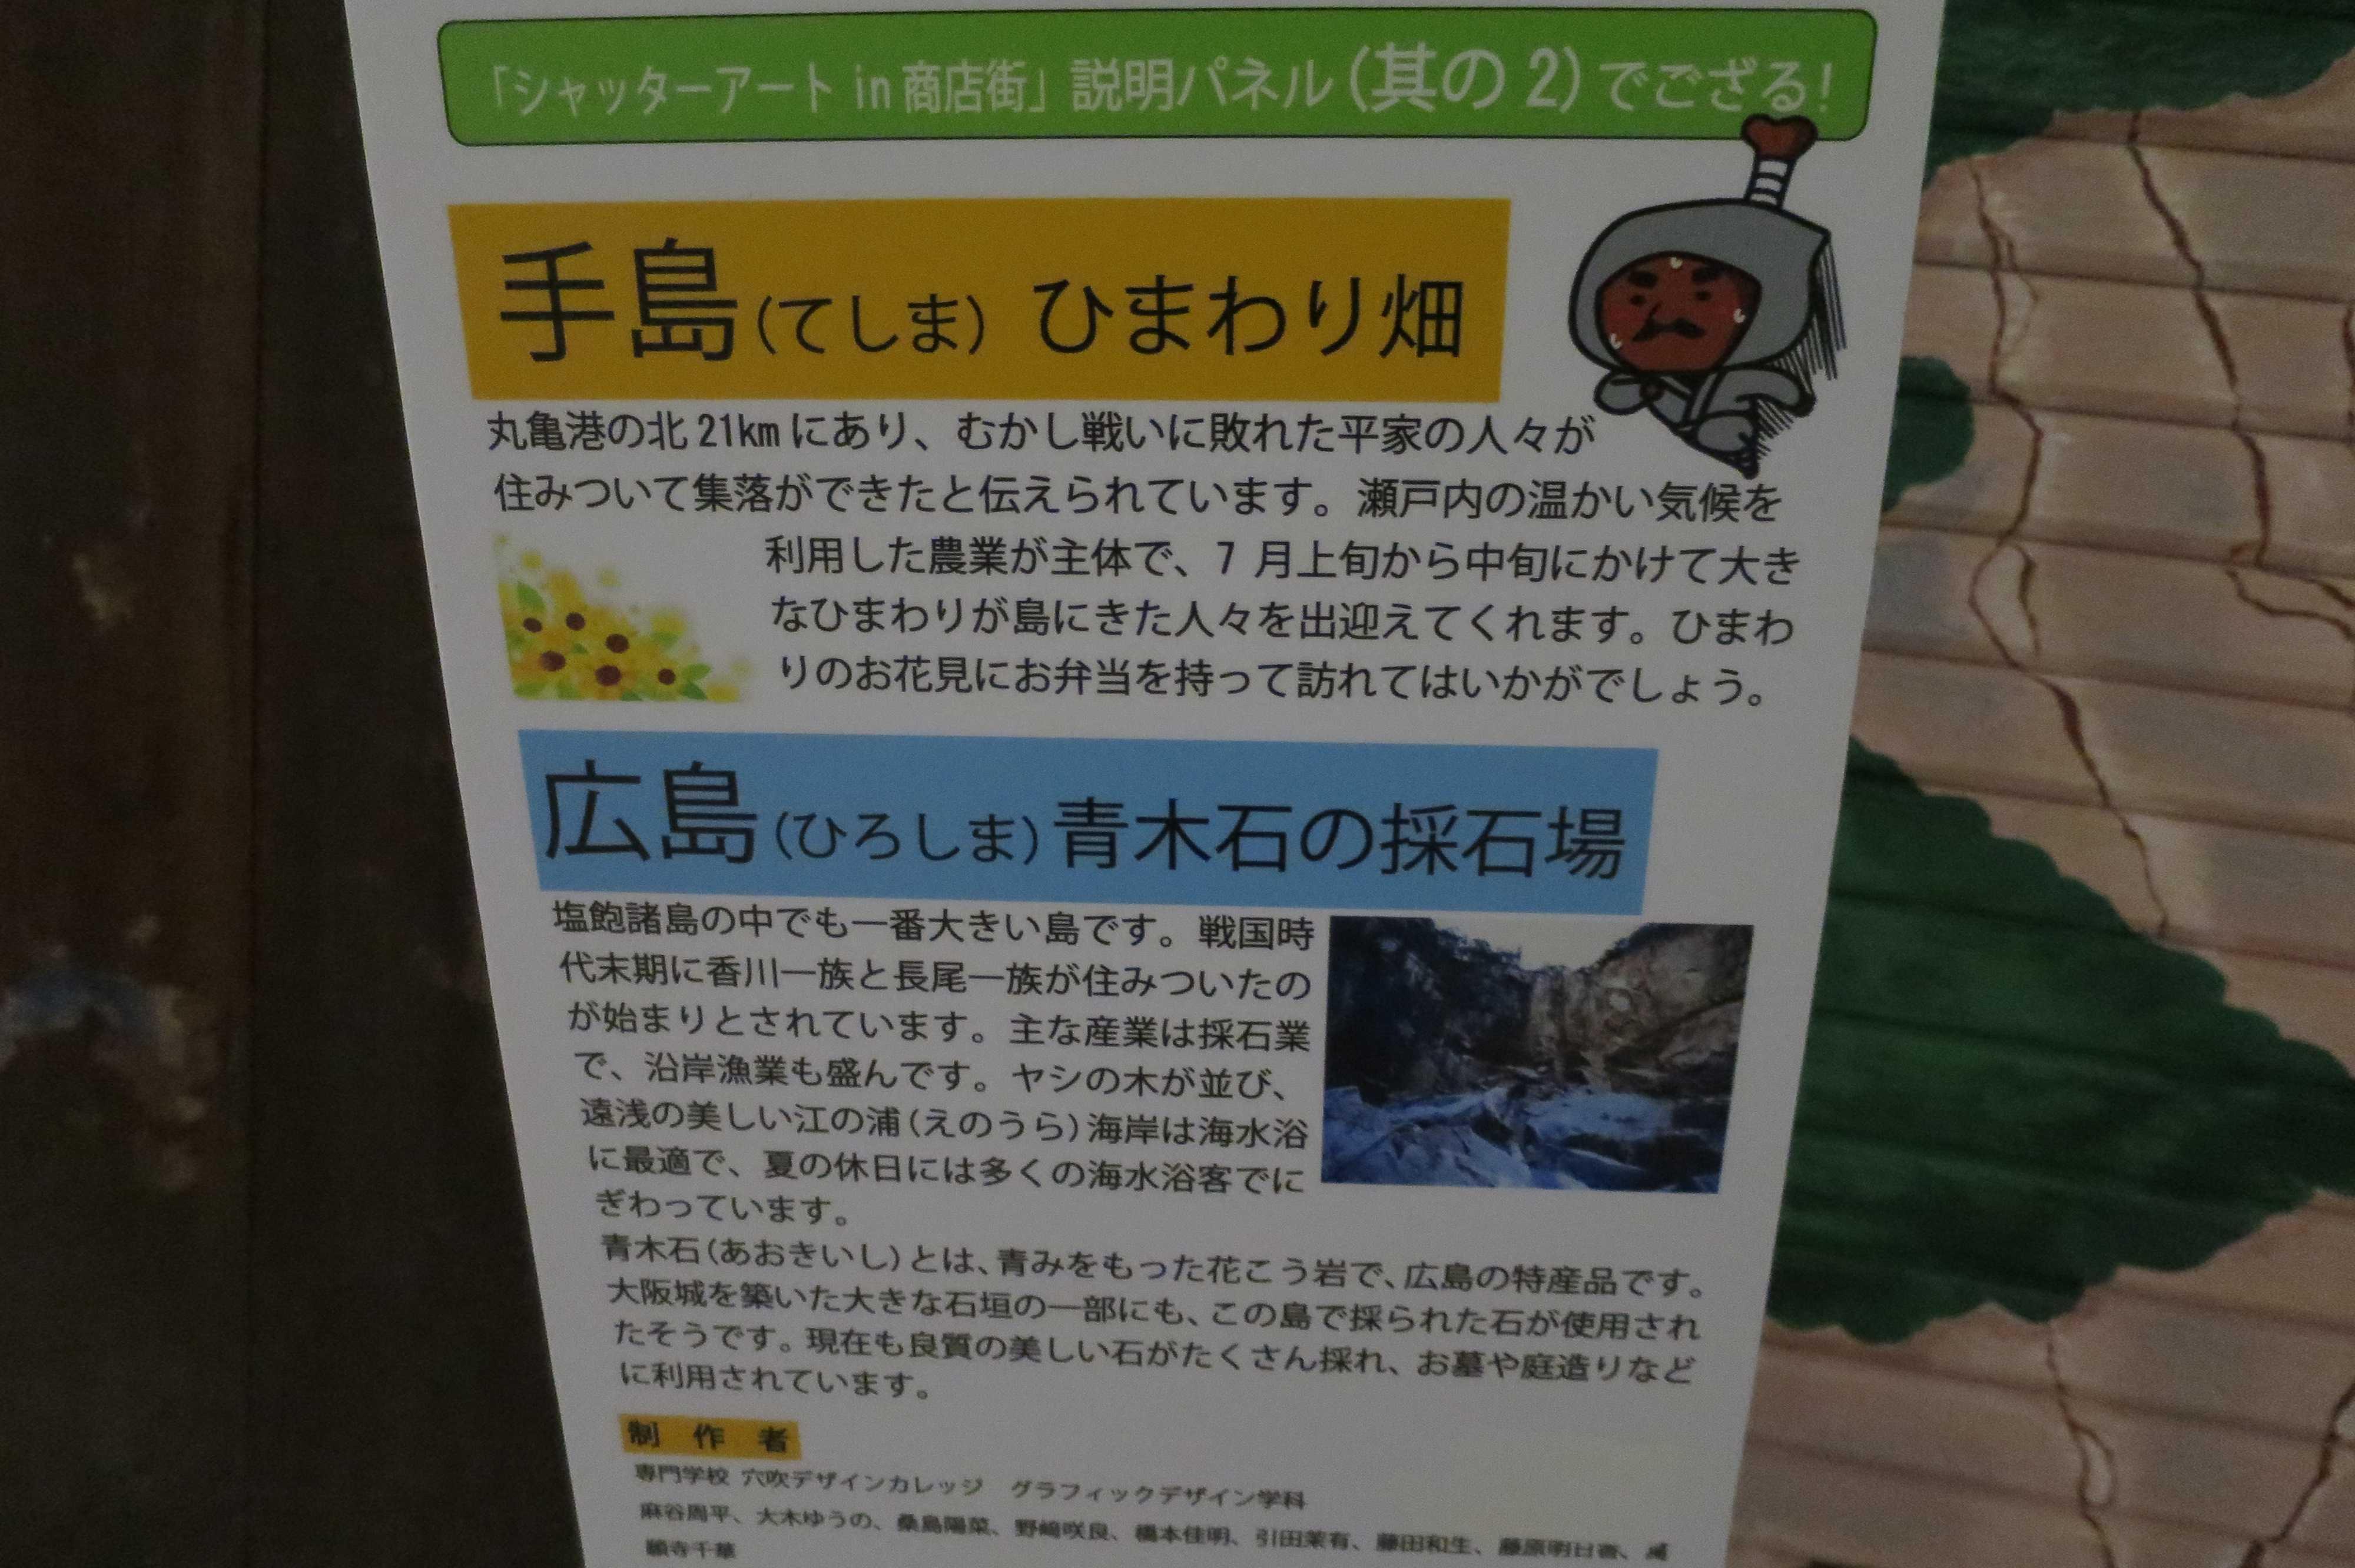 富谷町商店街: シャッターアート in 商店街  「手島のひまわり畑」、「広島 青木石の採石場」